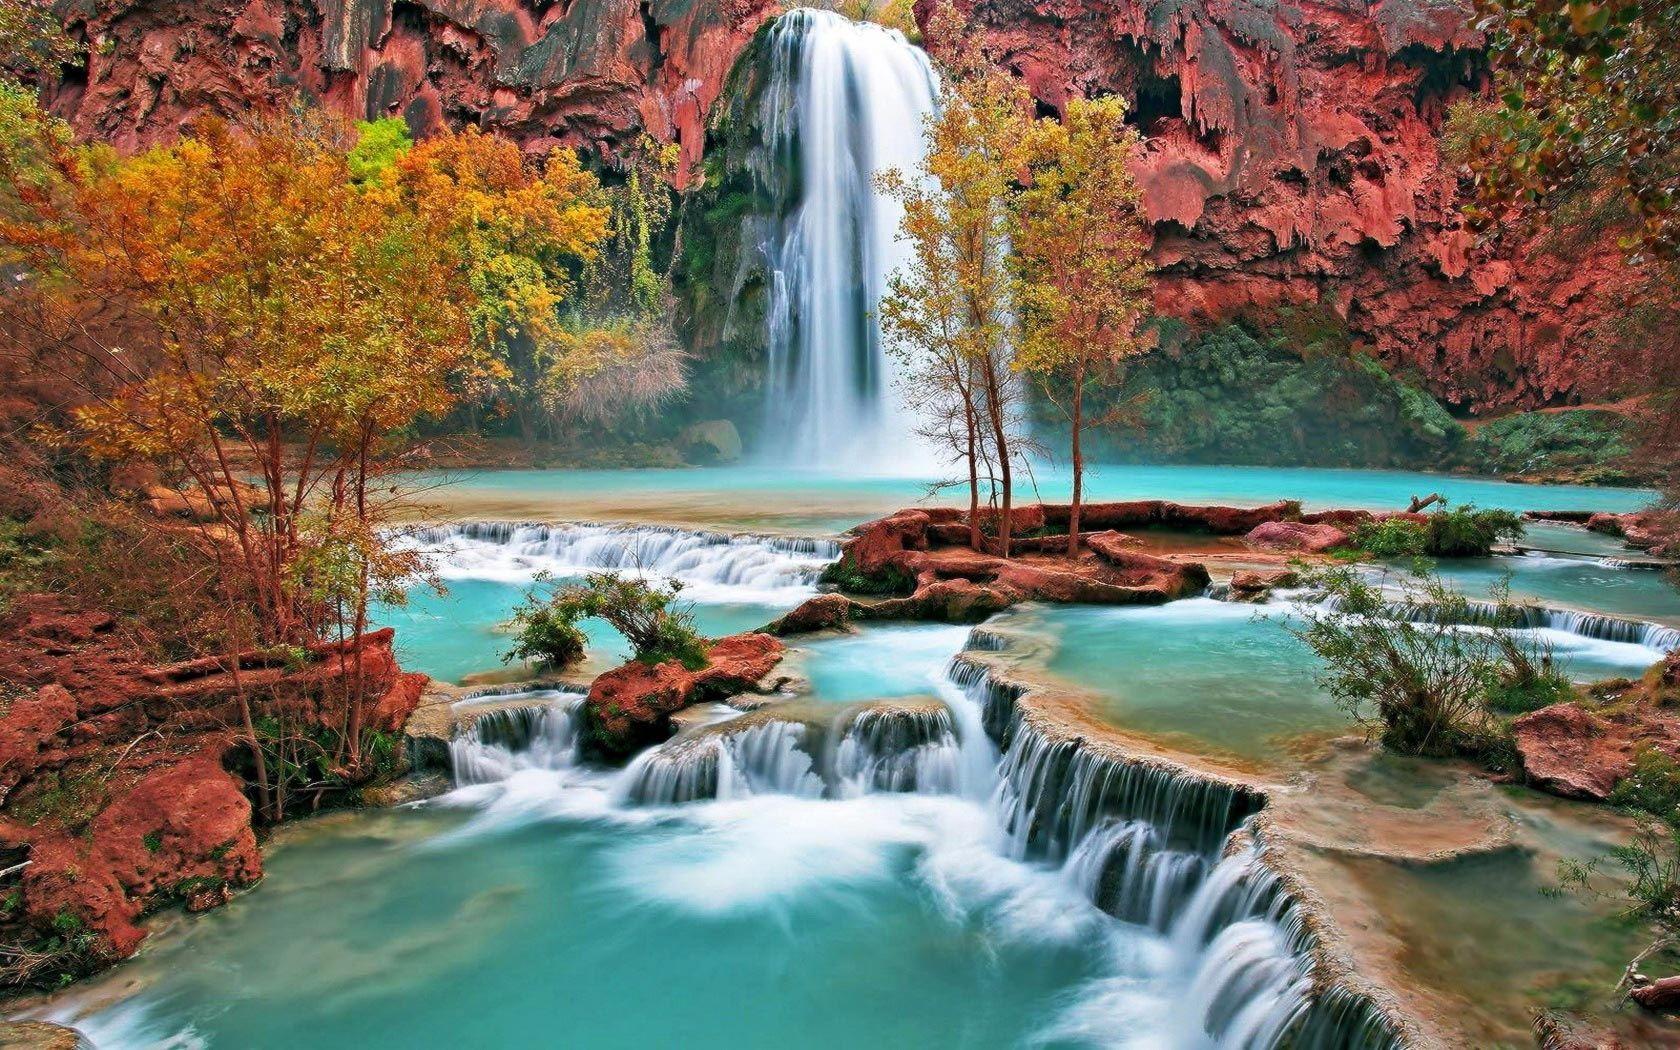 Cascade bel automne Fonds d'écran - 1680x1050 | Photographe nature, Belle nature, Les cascades